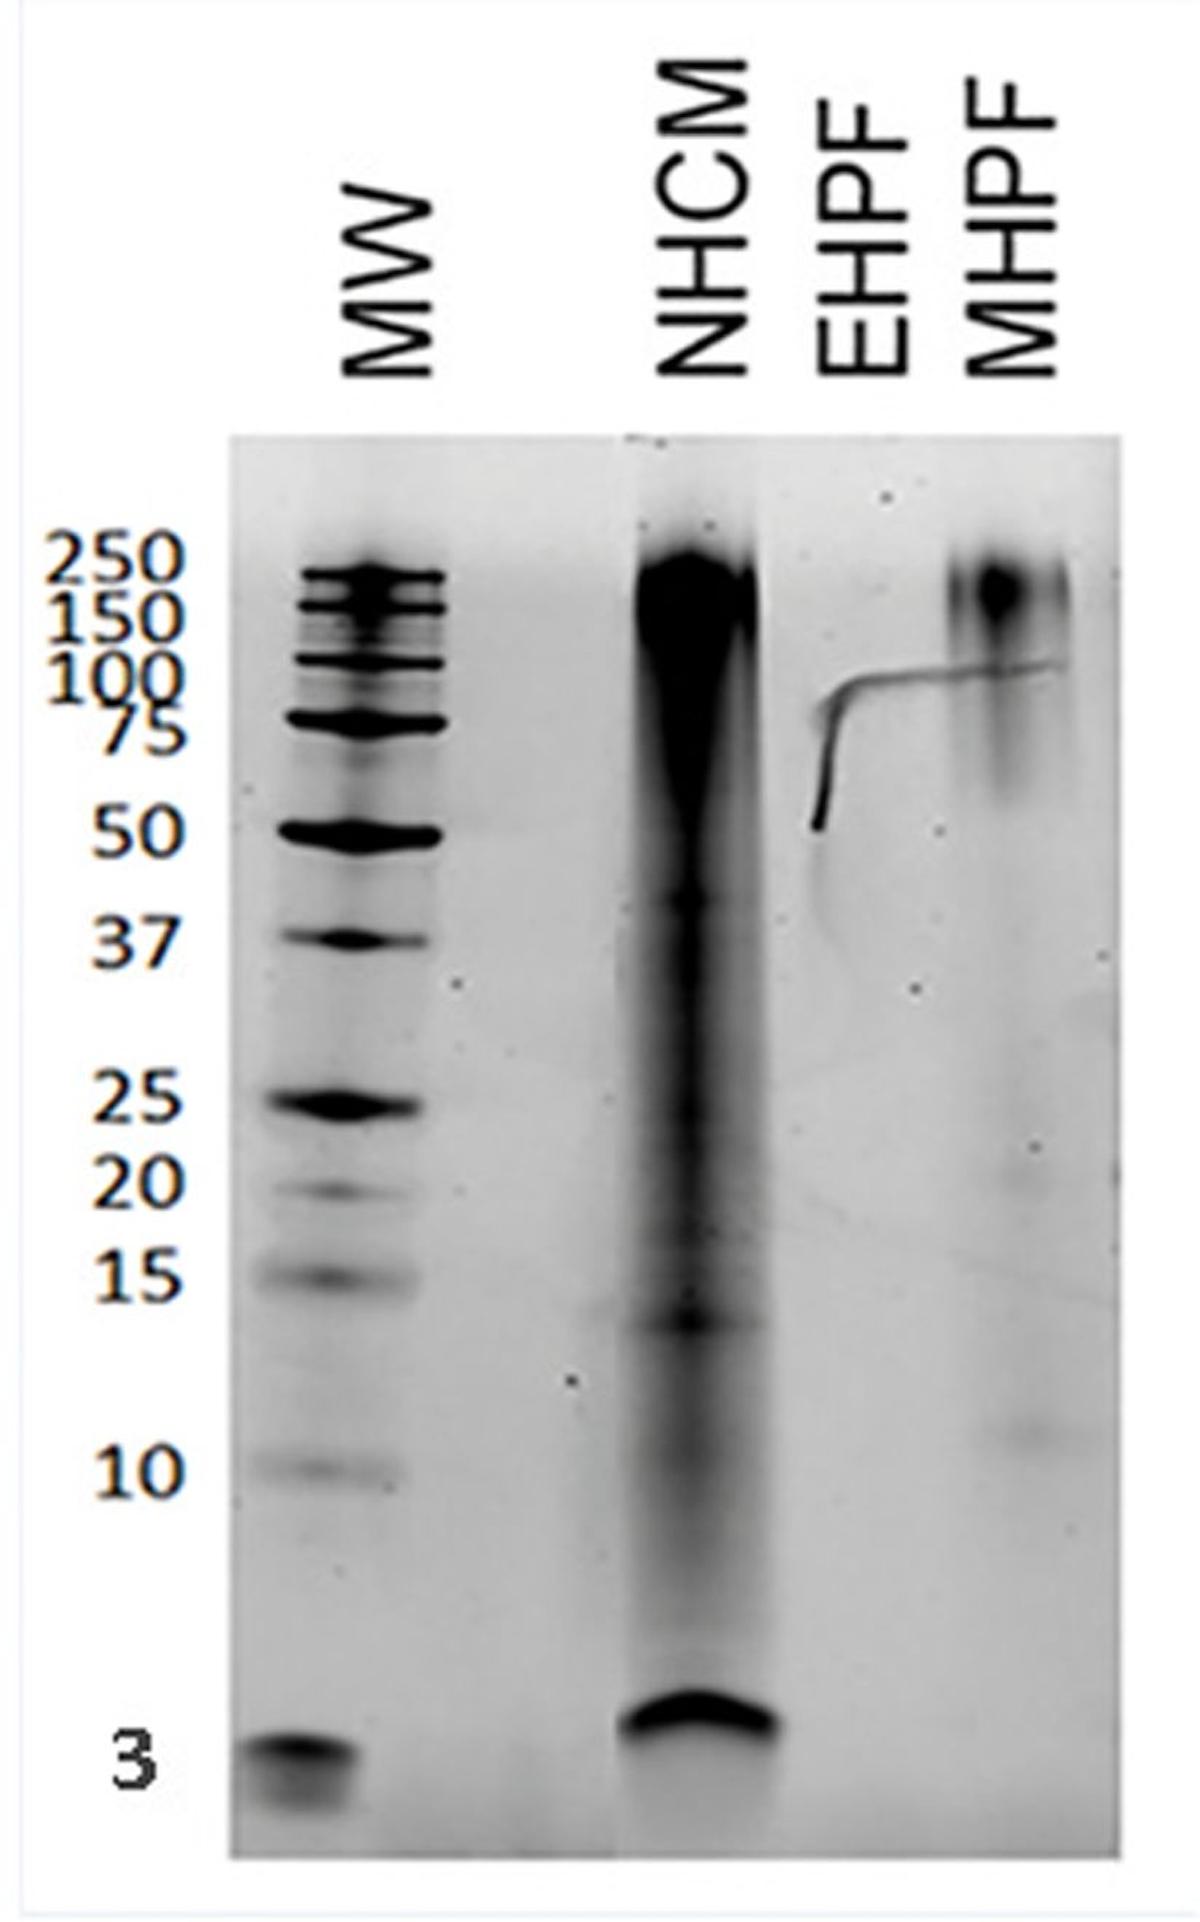 Abbildung 1. Proteinelektrophorese von drei Rohmaterialien auf Geflügelbasis, einschließlich des in hohem Maße hydrolysierten Federproteins der Anallergenic- Diätnahrungen.  Schlüsselwerte:  • NHCM (non-hydrolyzed chicken meal): zahlreiche Proteine unterschiedlicher Molekulargewichte sind zu erkennen • EHPF (Anallergenic extensively hydrolyzed poultry feather): Keine Bande zu sehen • MHPF (mildly hydrolyzed poultry feather): Residuale große Proteine sind zu erkennen • MW: Molekulargewicht in Kilodalton (kDa)  Anmerkung: Freie Aminosäuren werden mit dieser Technik nicht visuell dargestellt. Das Artefakt im Gel war eine bereits vor der Migration vorhandene Verunreinigung.